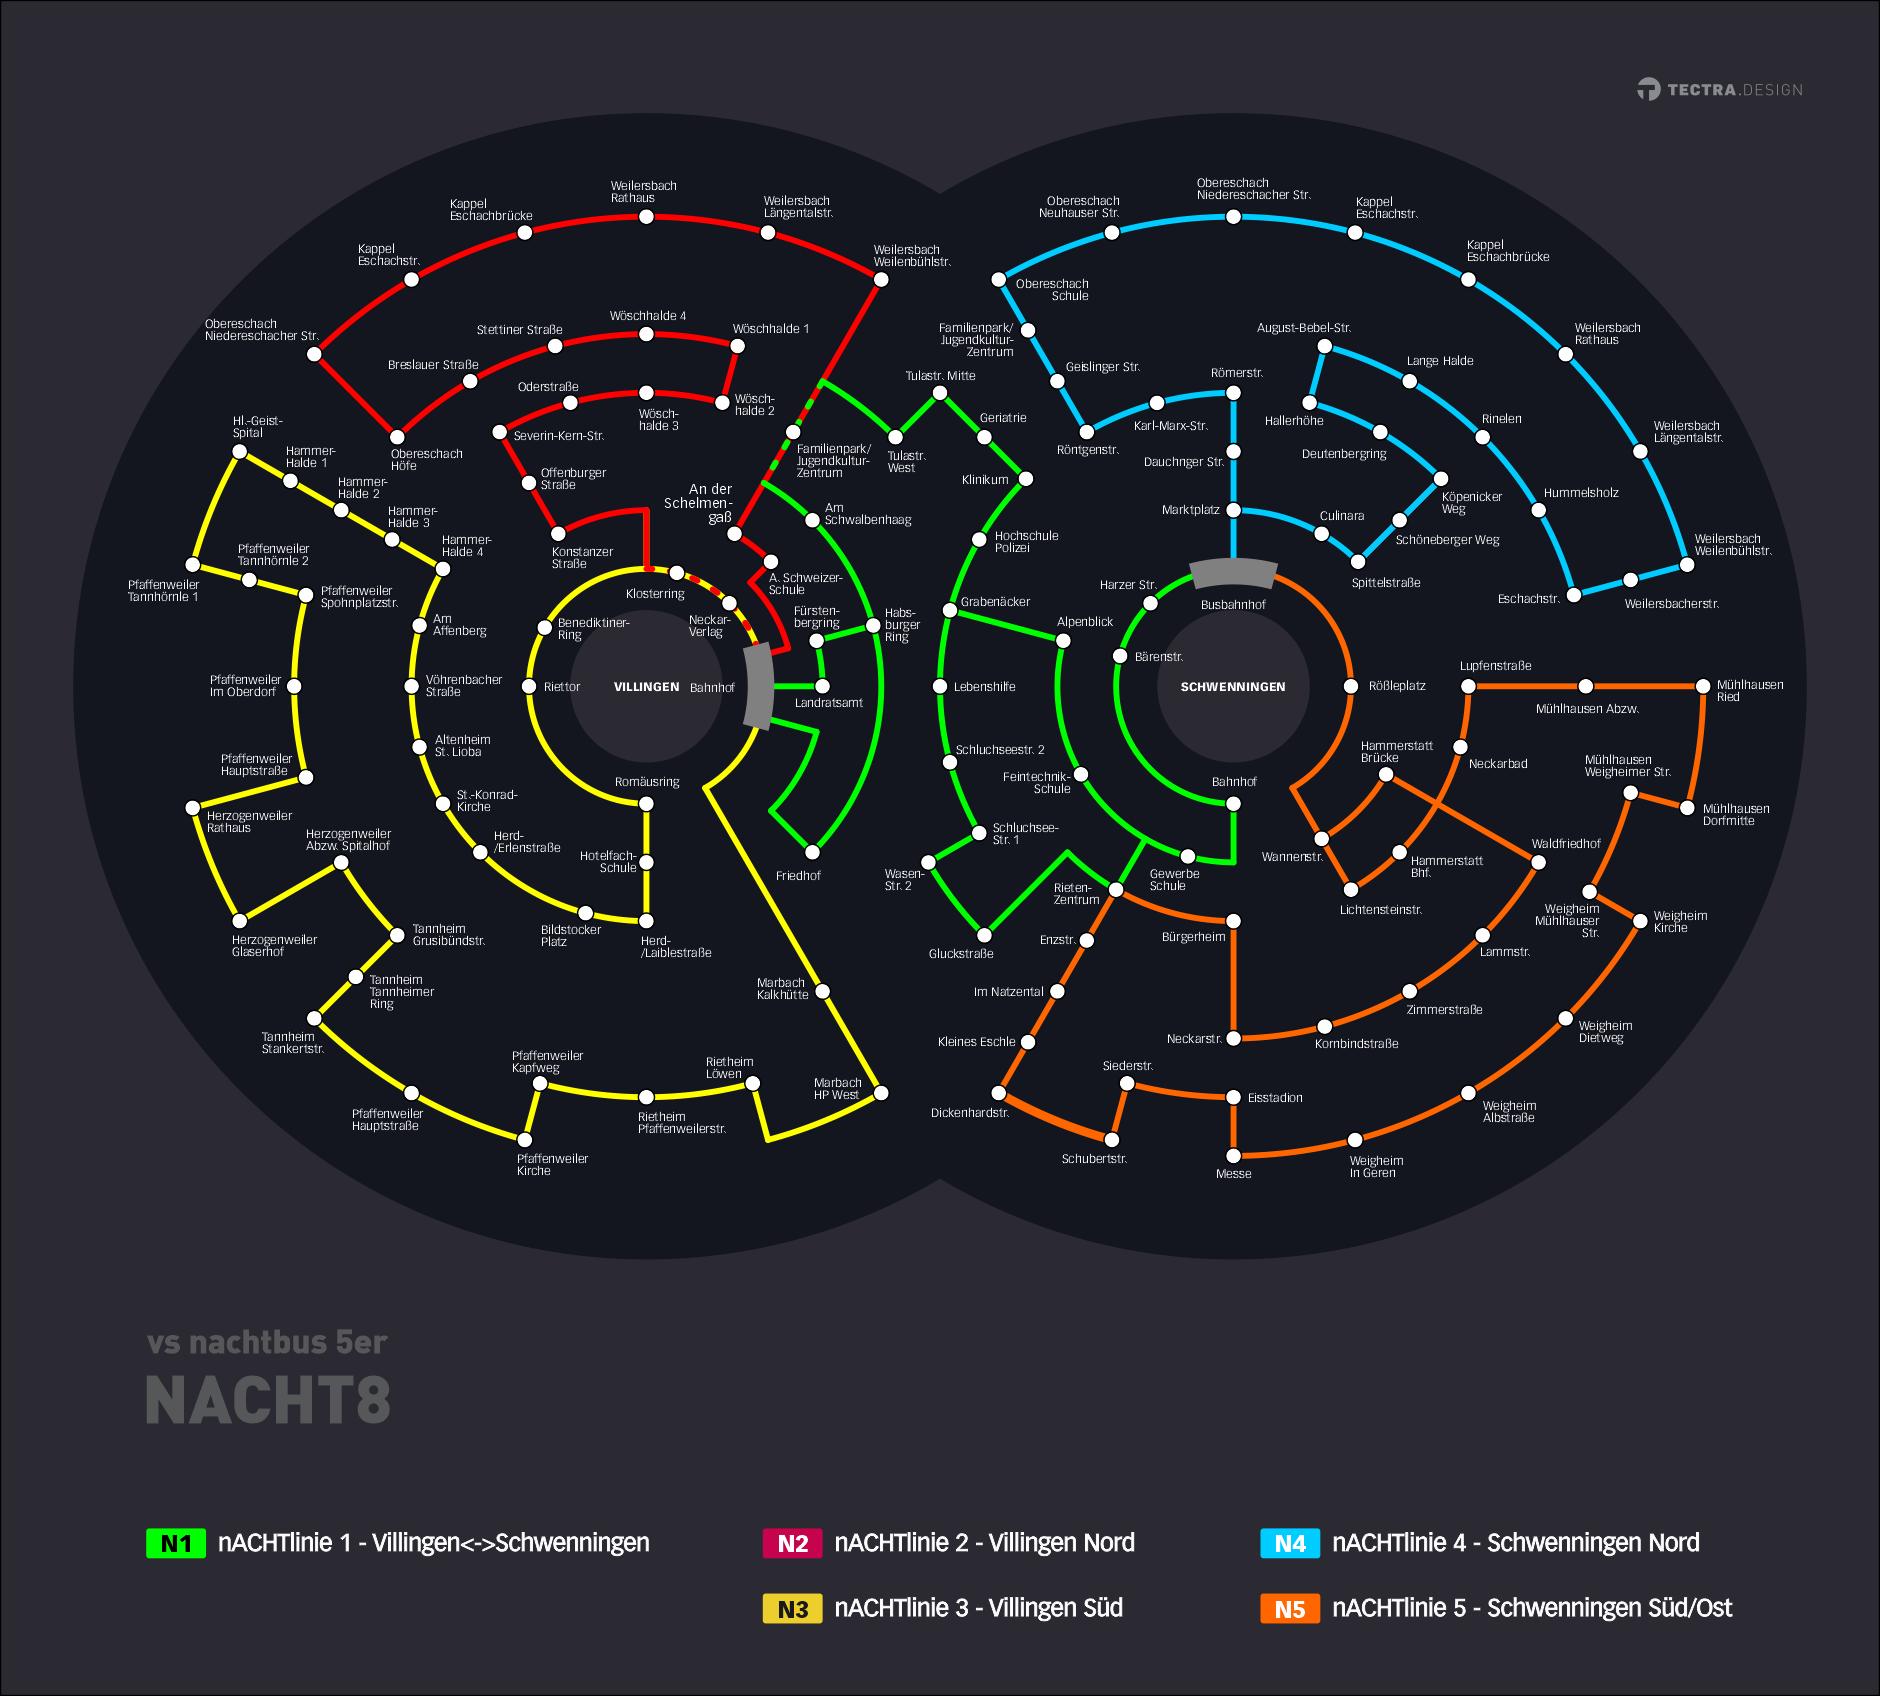 vsbus nachtacht nachtbus 5er entwurf dark web-Linienplan Bus Konzept